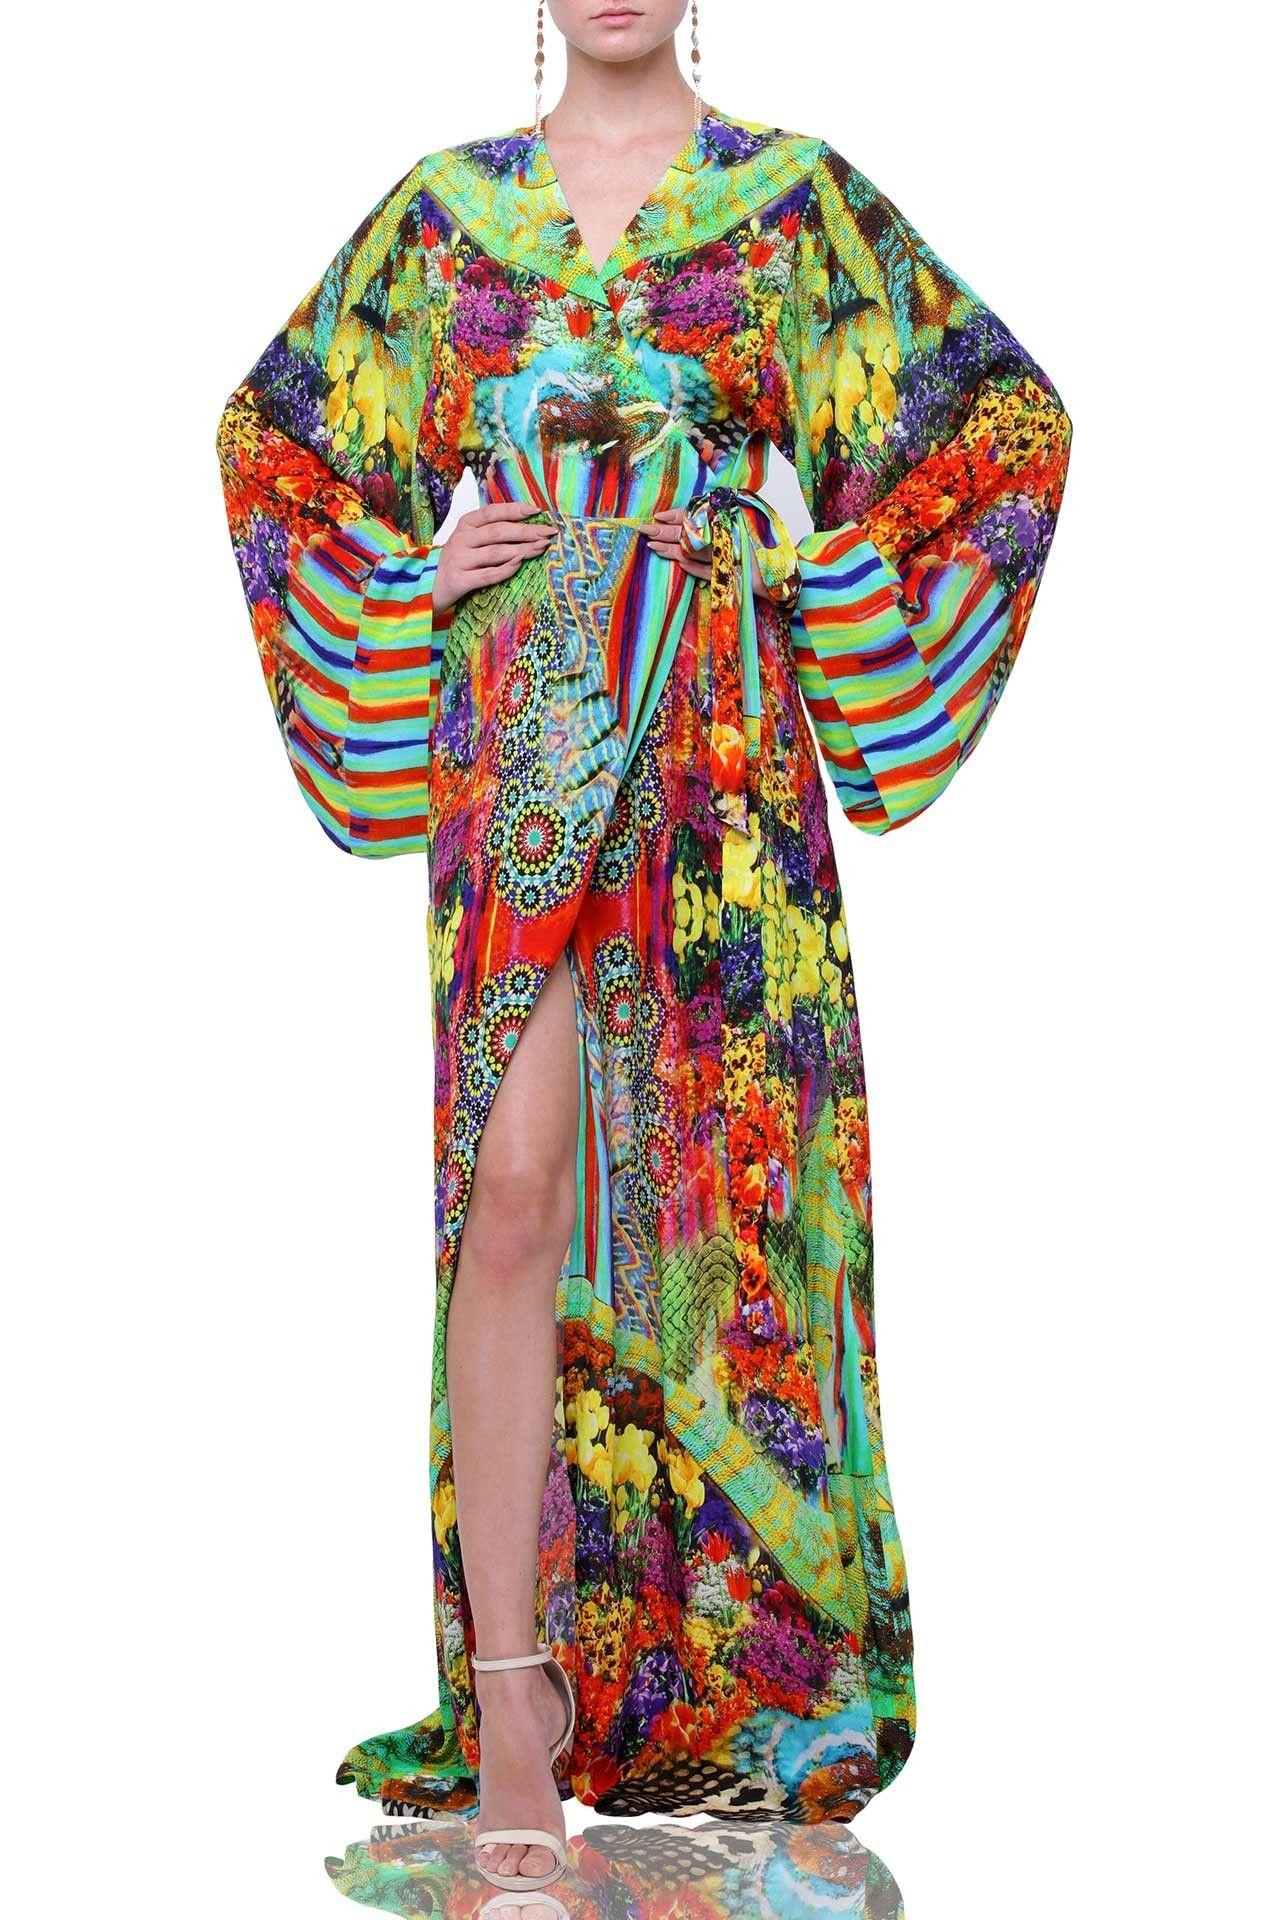 a5cd455e631 Floral Print Lounge Wear Kimono Wrap Dress in 2019